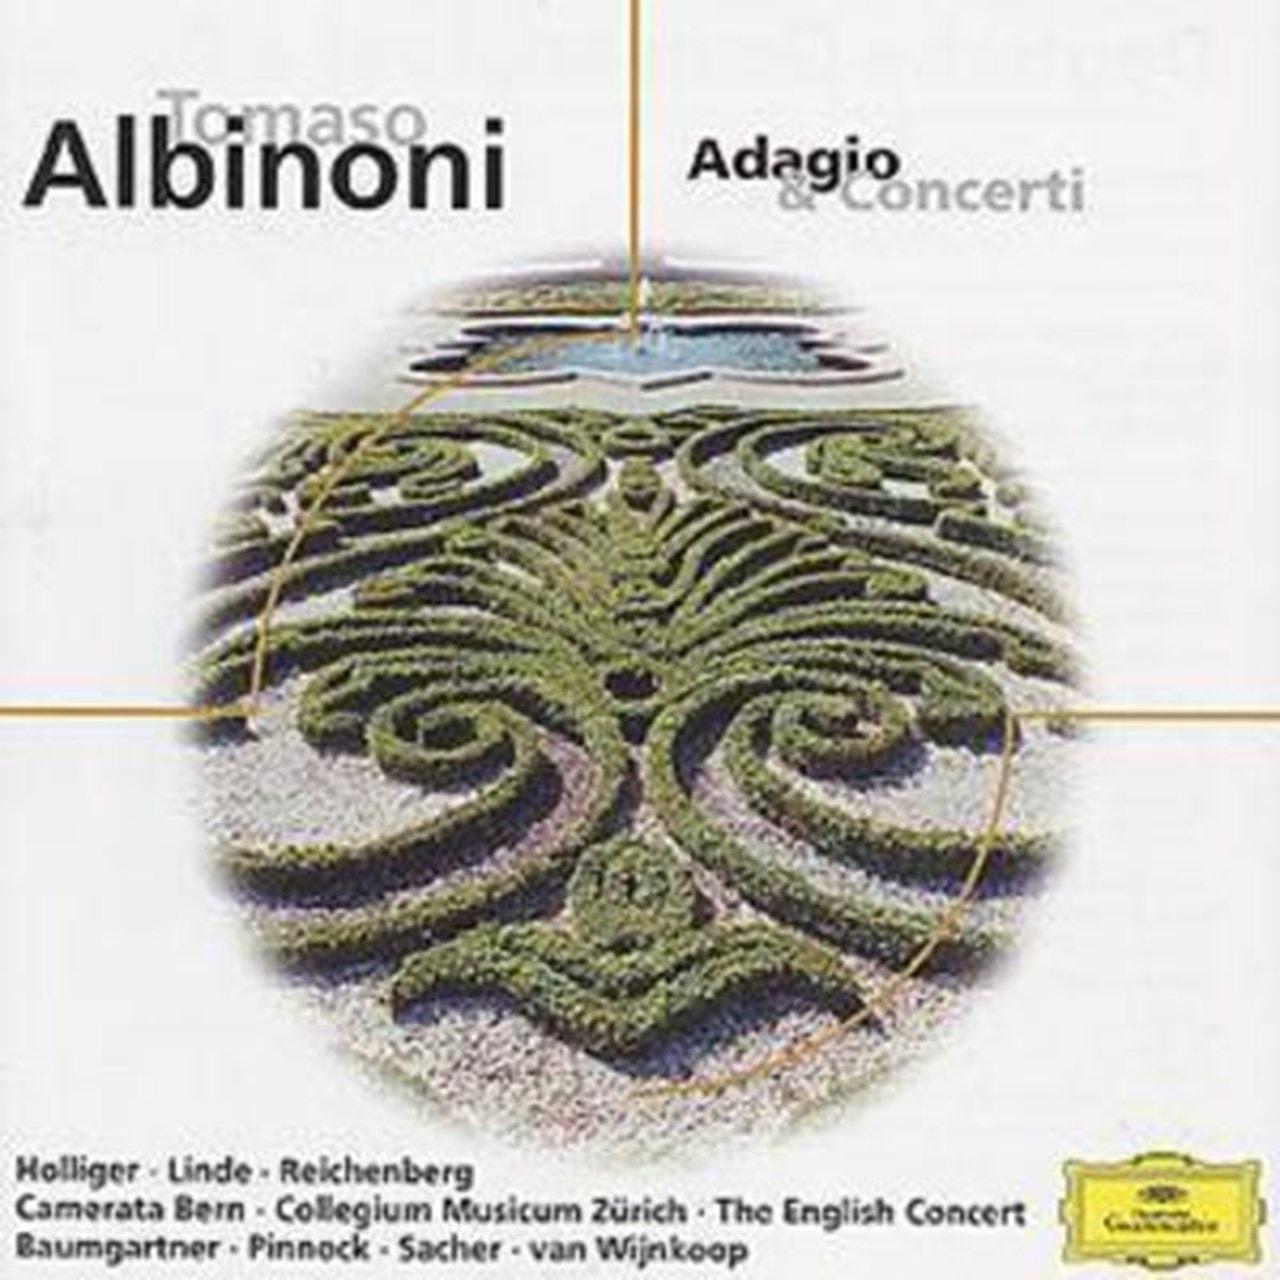 Albinoni Tomaso - Adagio & Concerti - 1